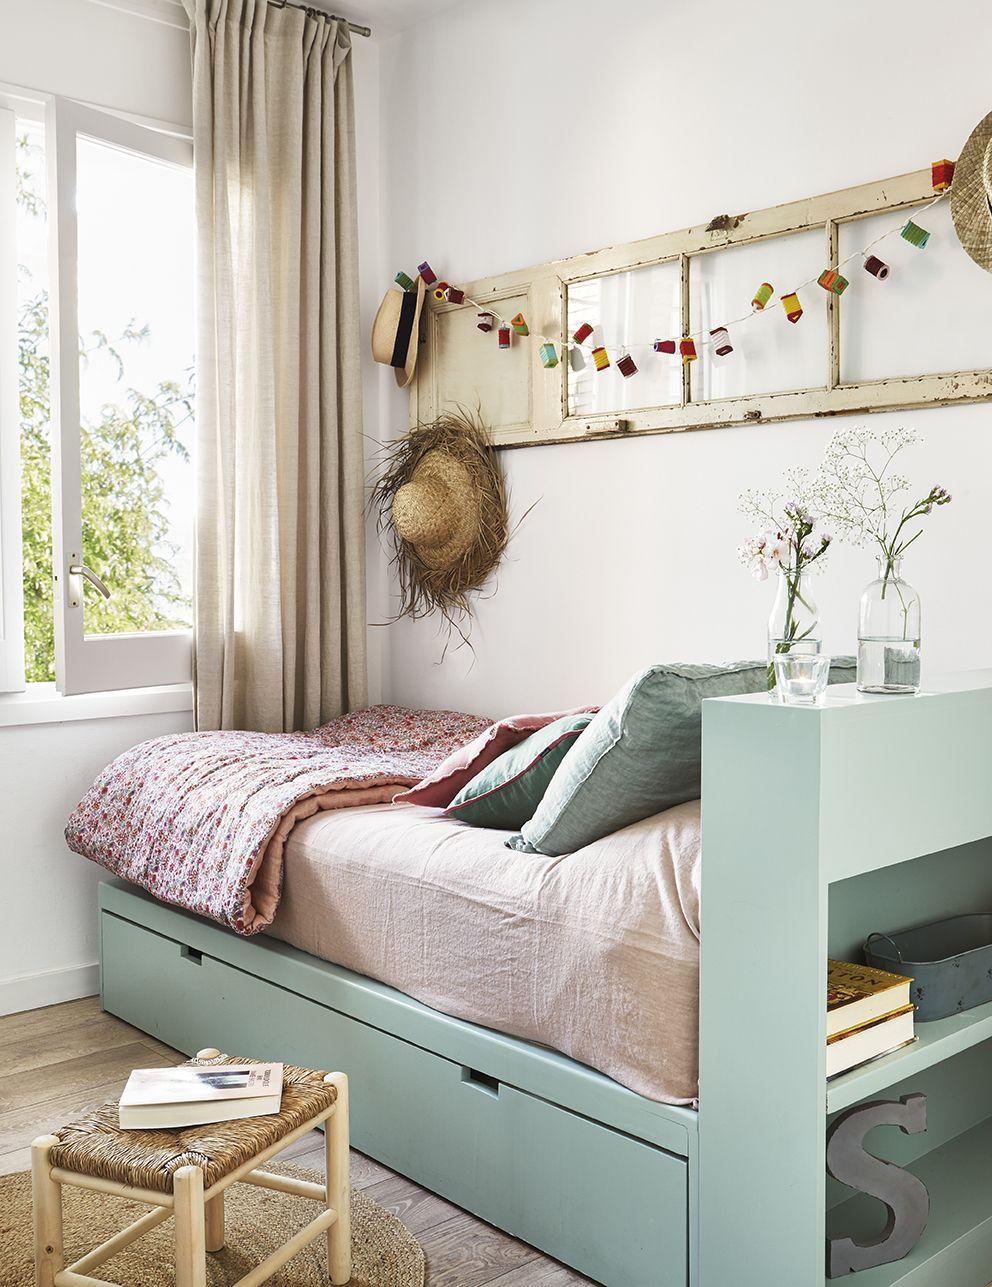 Pequeño dormitorio en tonos pastel claro y sombreros y guirnalda